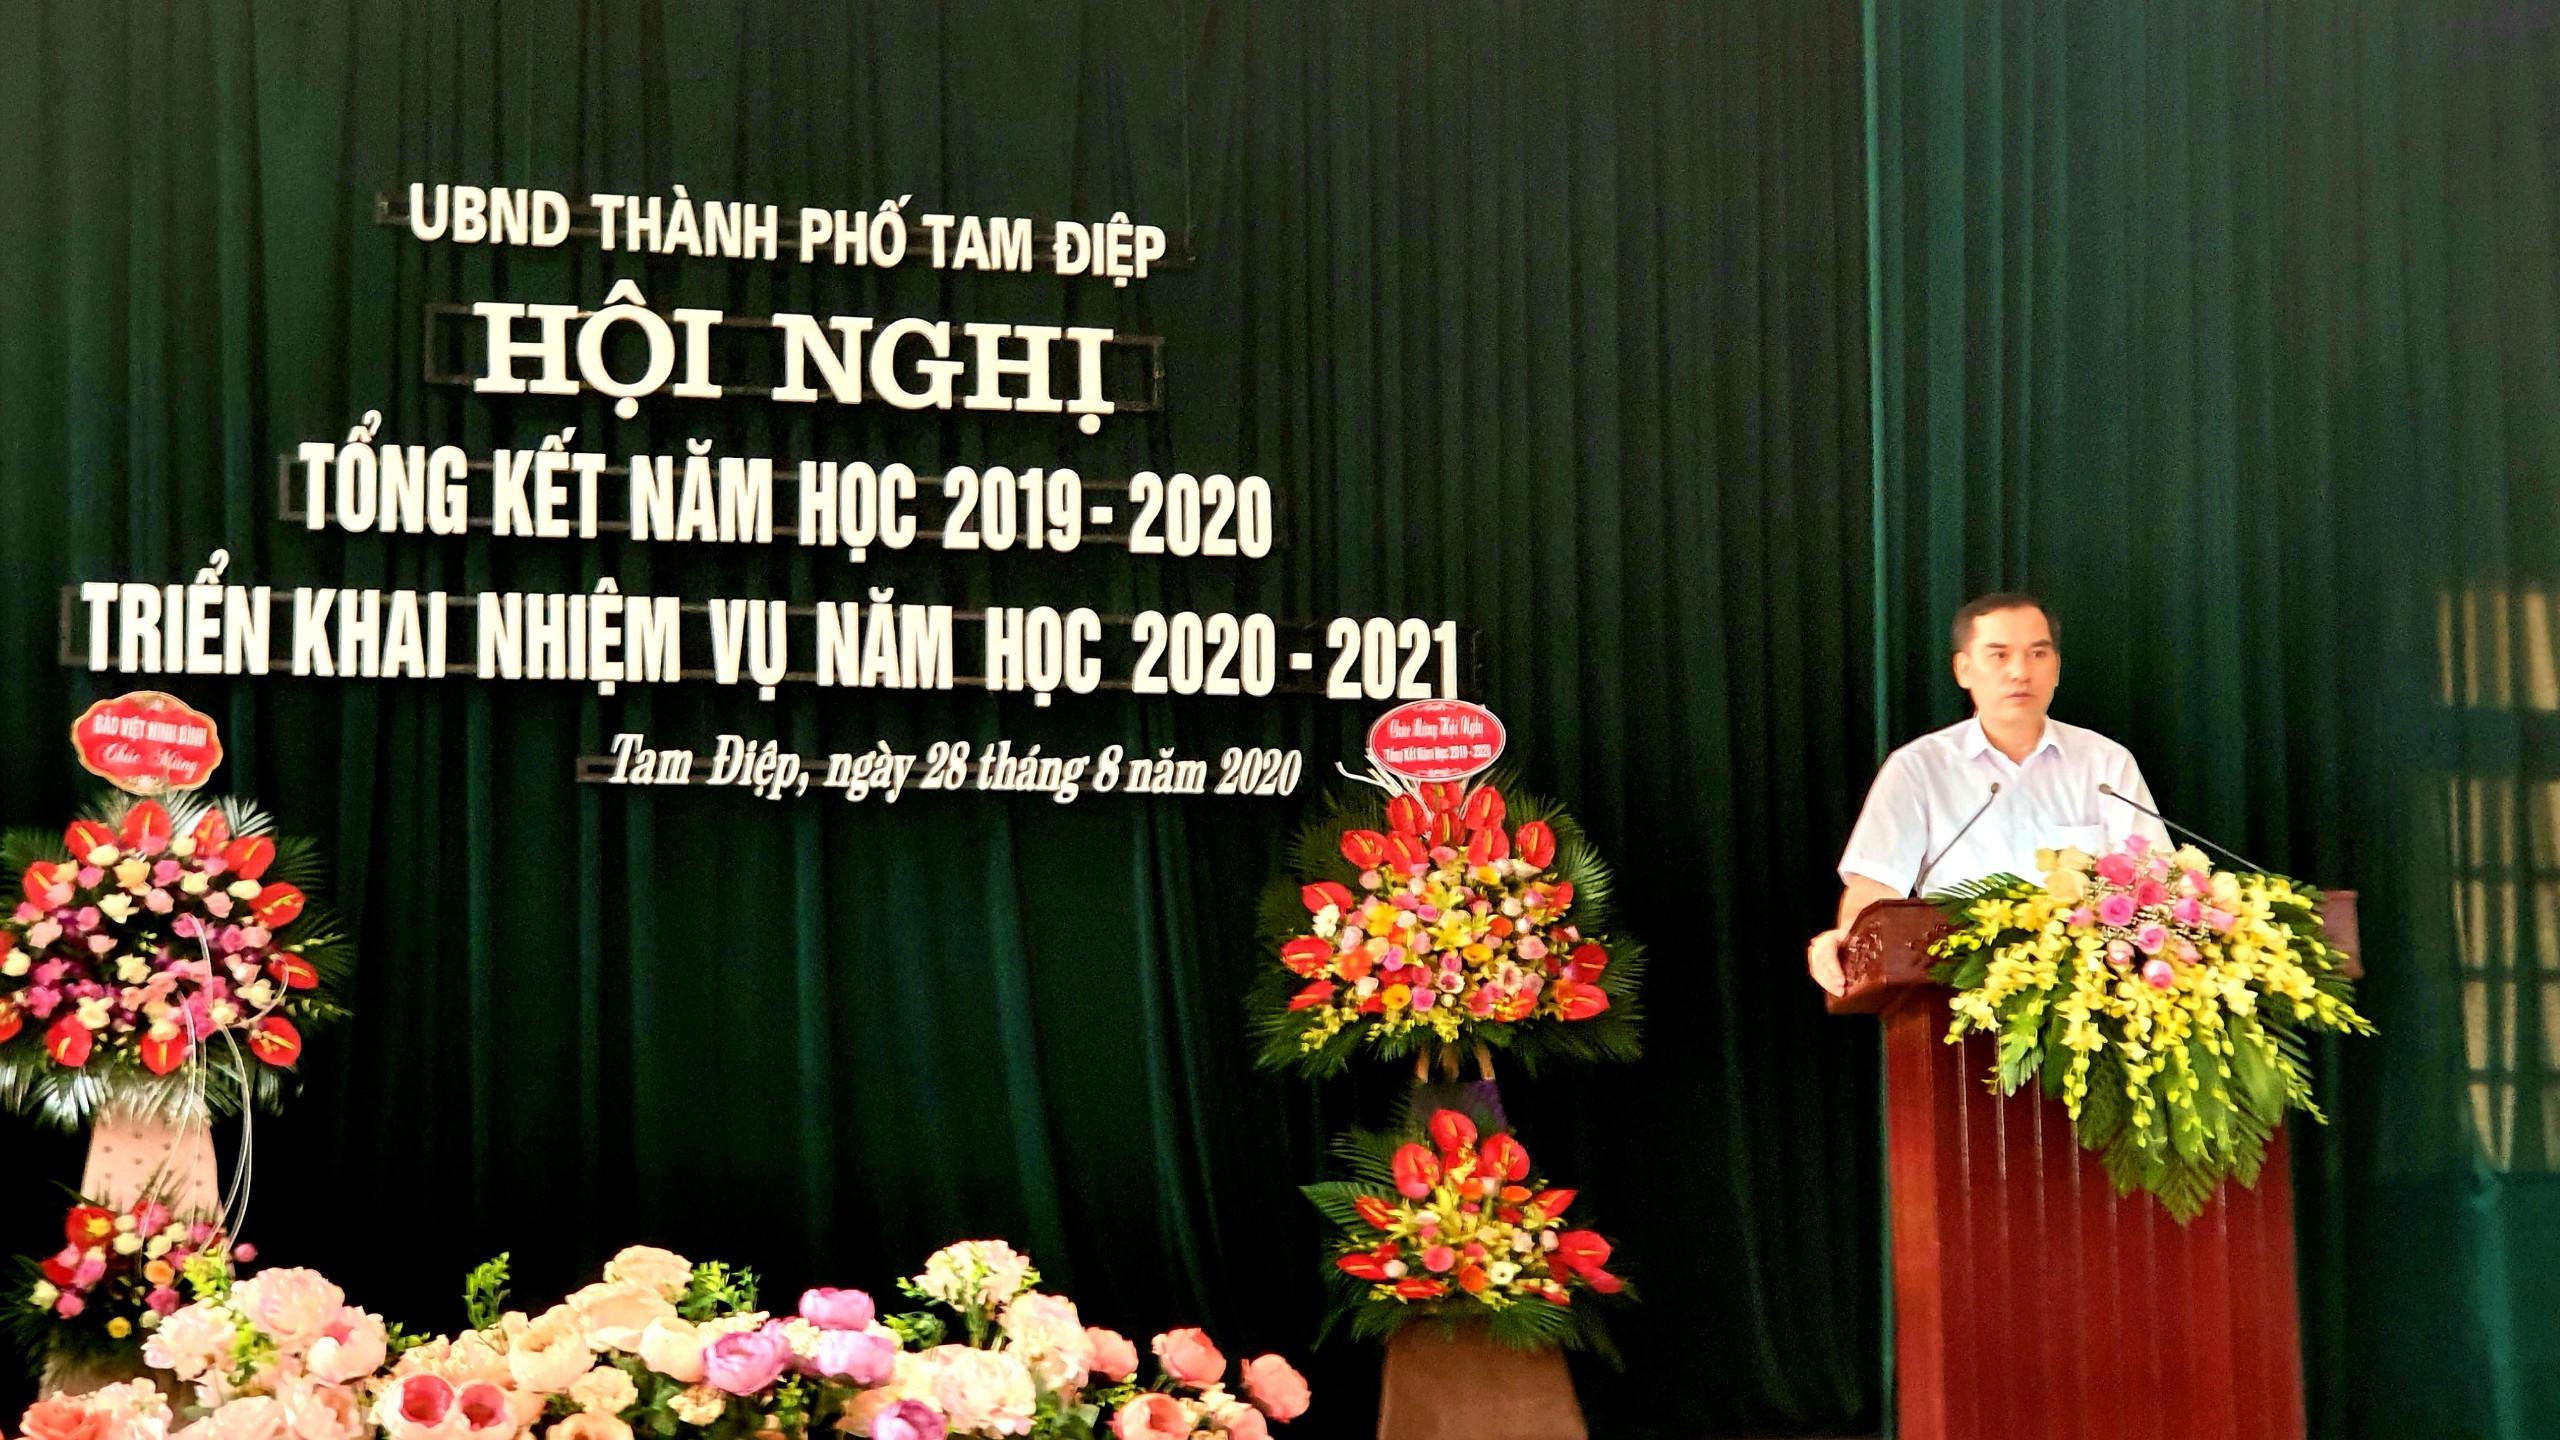 Hội nghị tổng kết năm học 2019 - 2020 và triển khai nhiệm vụ năm học 2020 - 2021